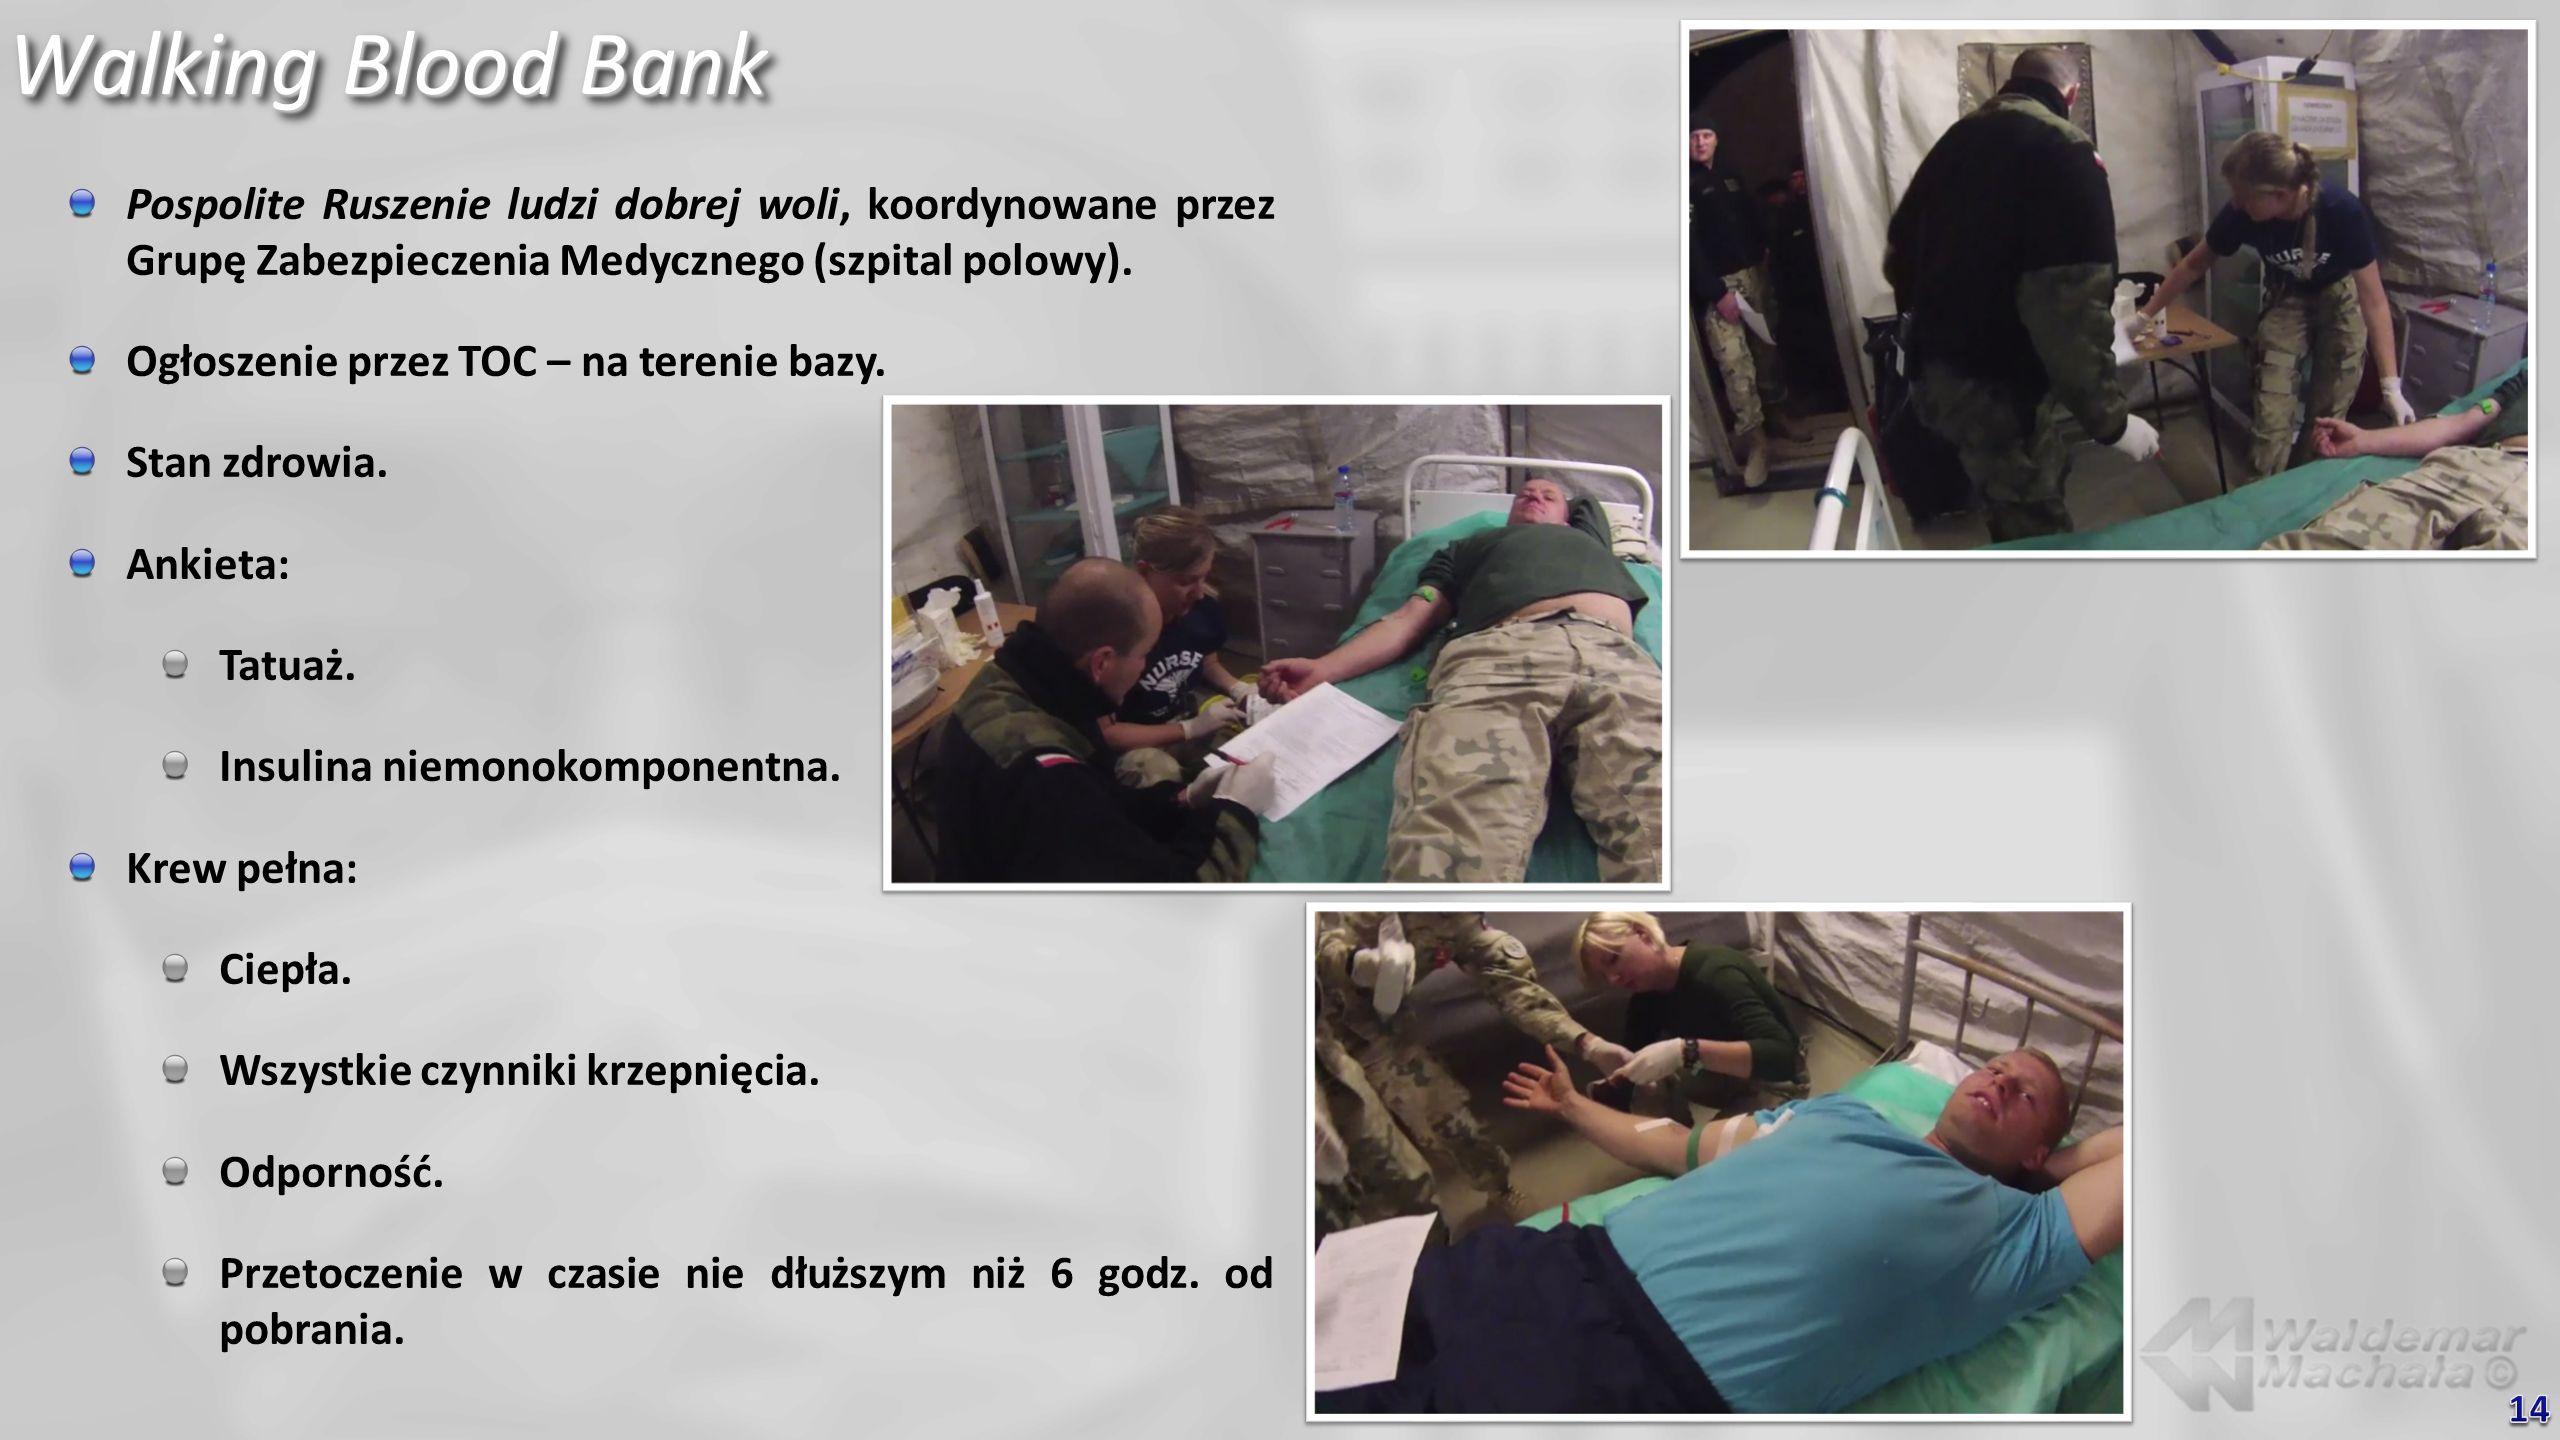 Walking Blood Bank Pospolite Ruszenie ludzi dobrej woli, koordynowane przez Grupę Zabezpieczenia Medycznego (szpital polowy).